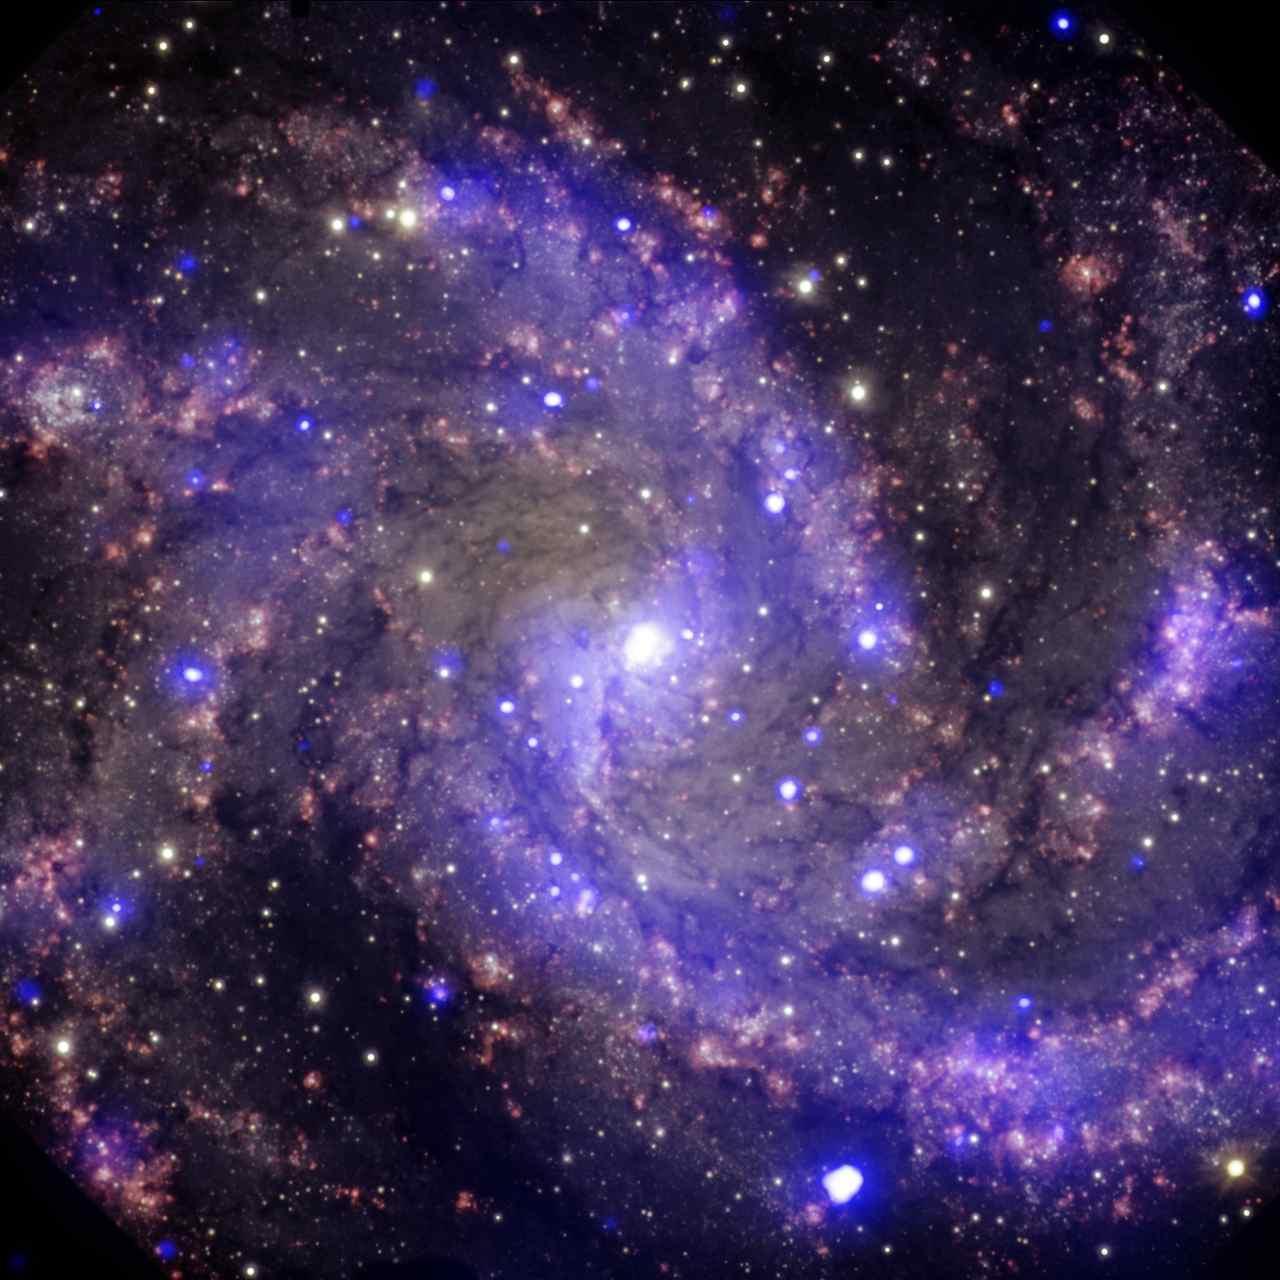 La NASA partage l'image Hubble de l'éblouissante galaxie NGC 6946 de feux d'artifice sujettes aux supernova